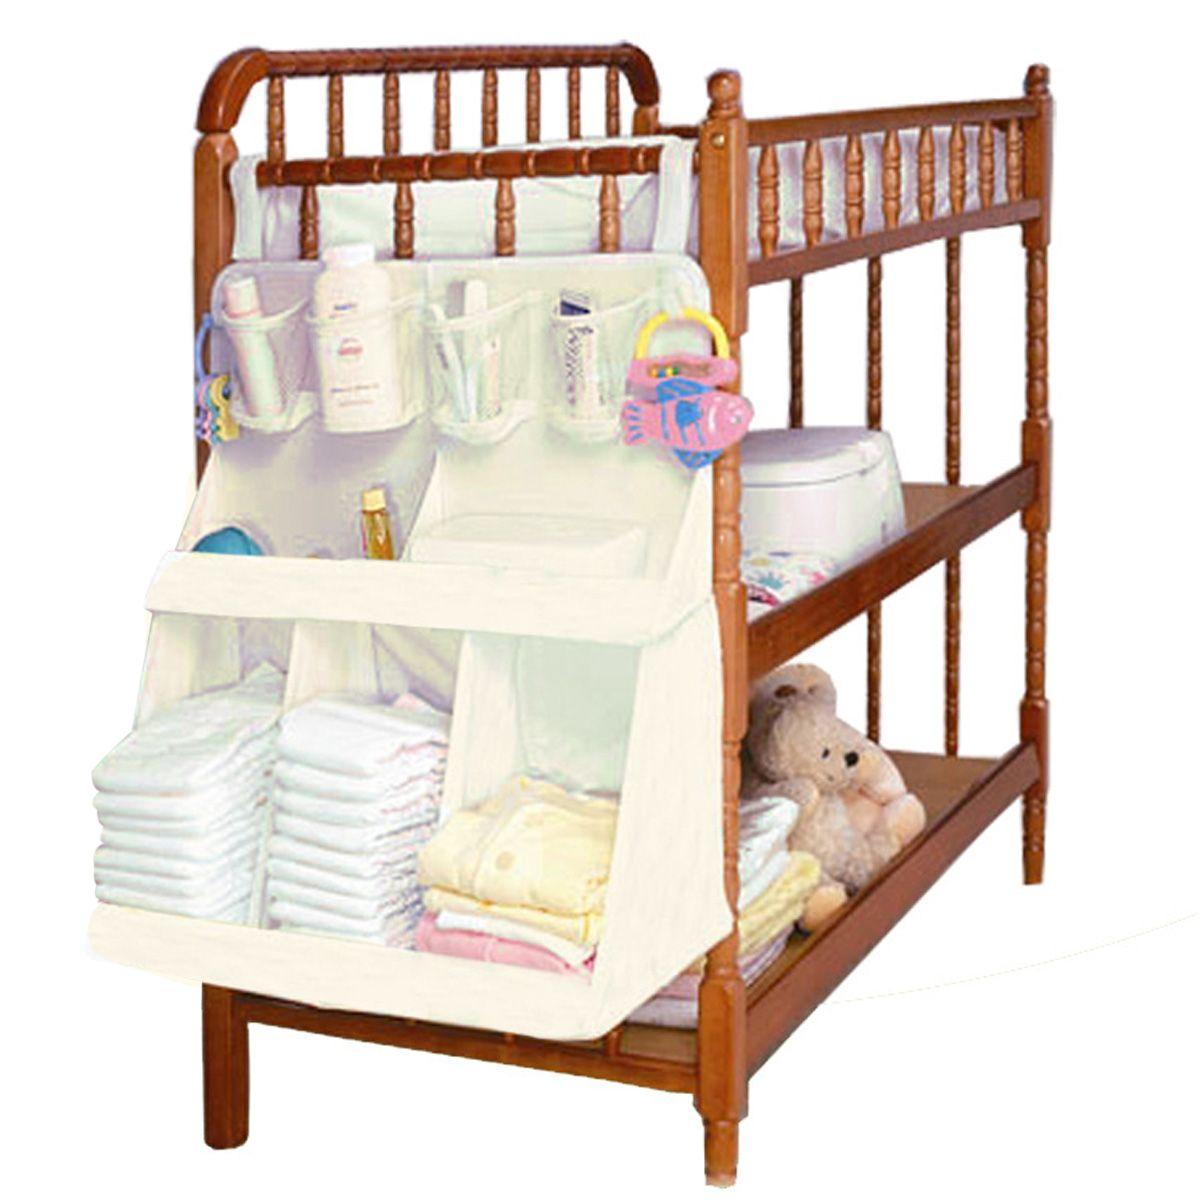 pas cher tanche couches organisateur b b lit suspendu. Black Bedroom Furniture Sets. Home Design Ideas